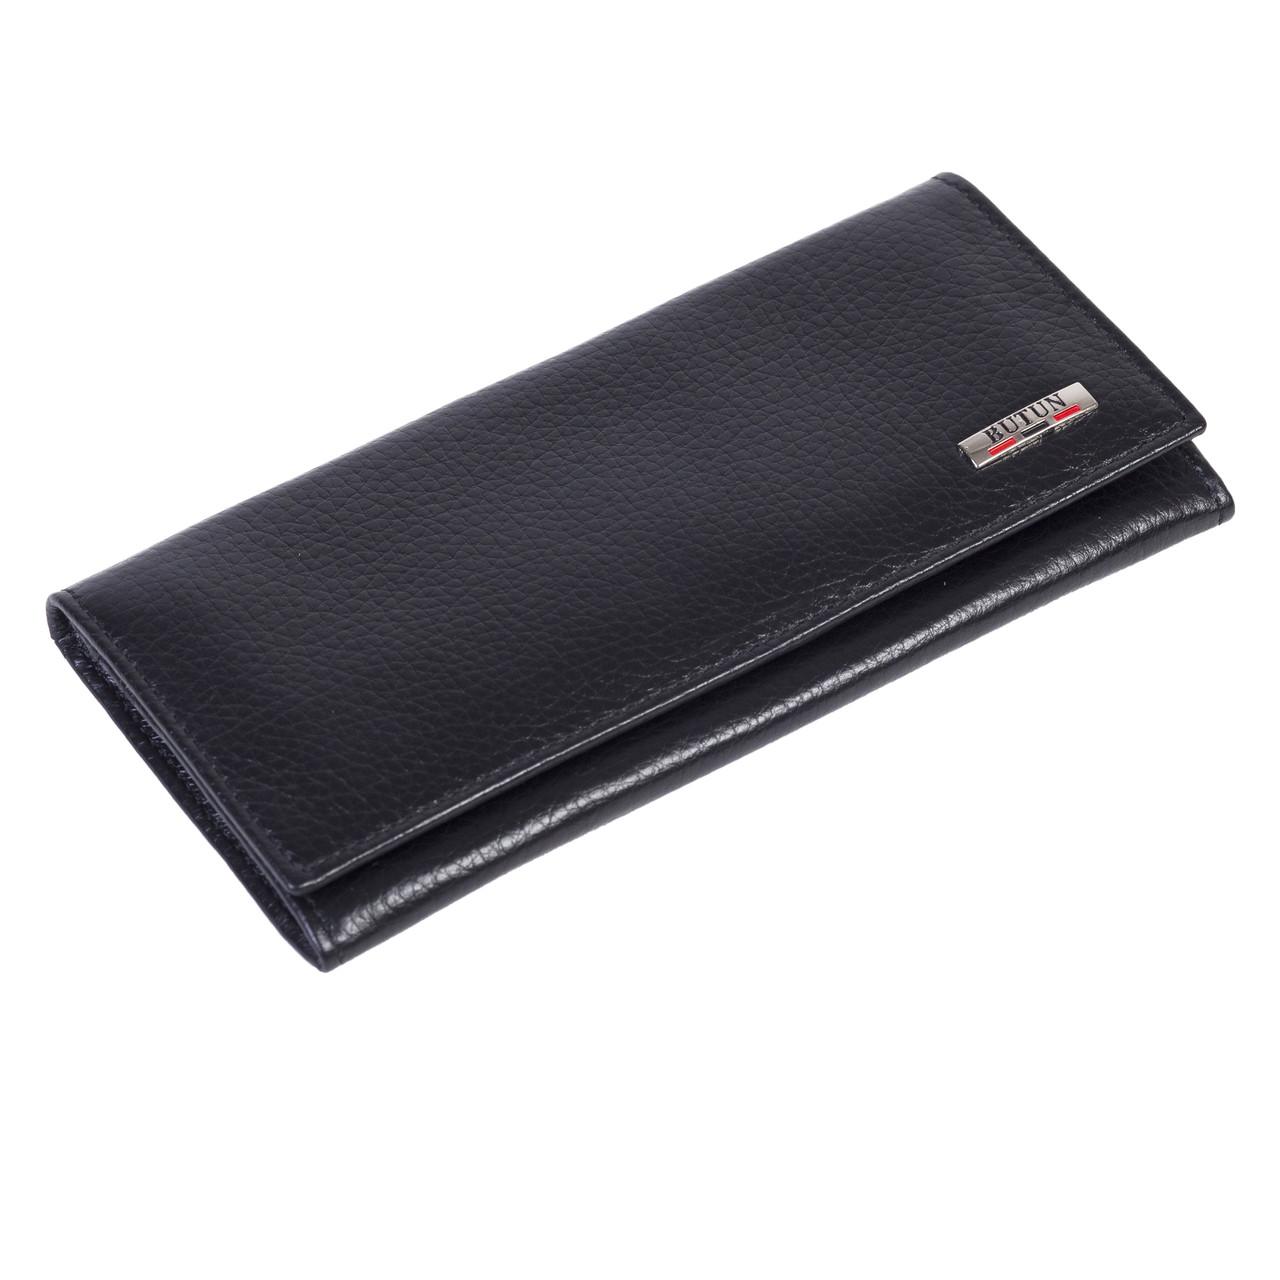 Женский кошелек Butun 567-004-039 кожаный черный